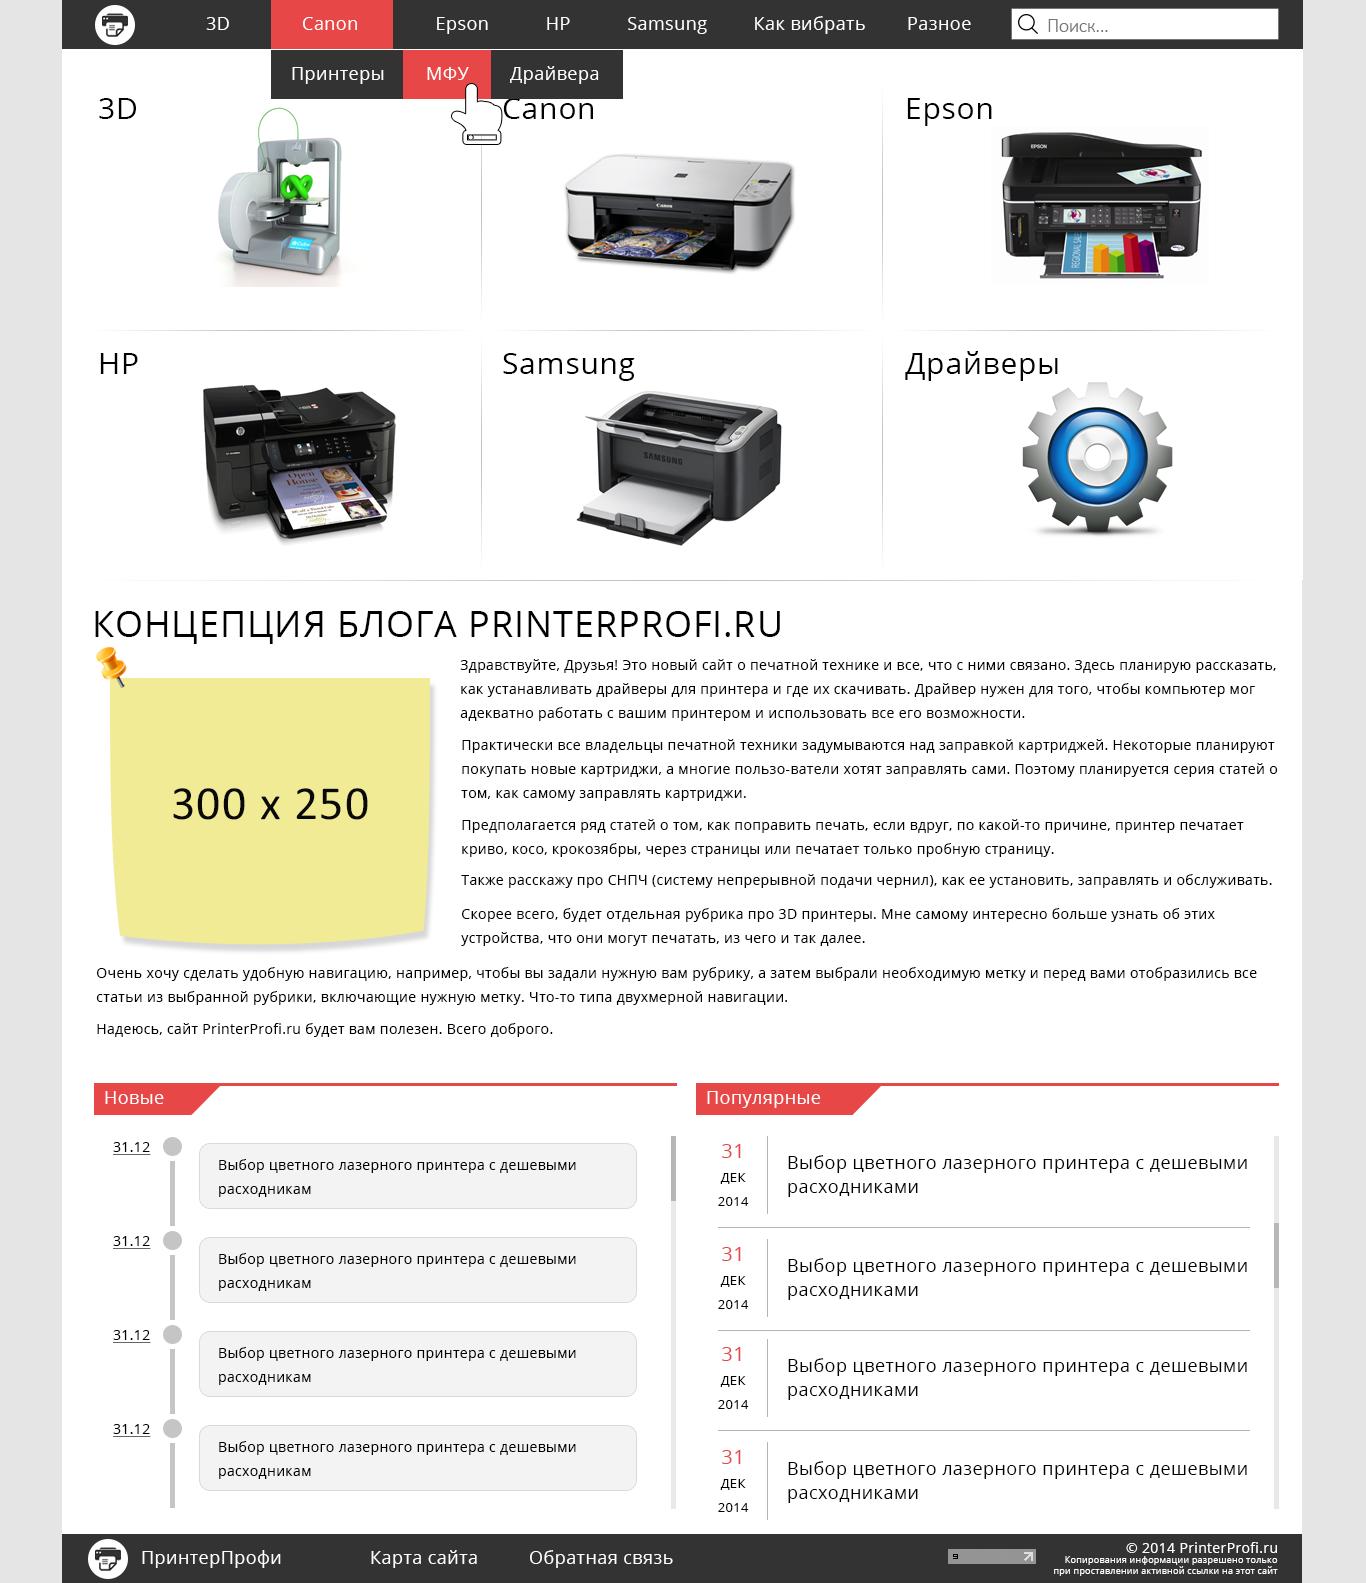 printerprofi